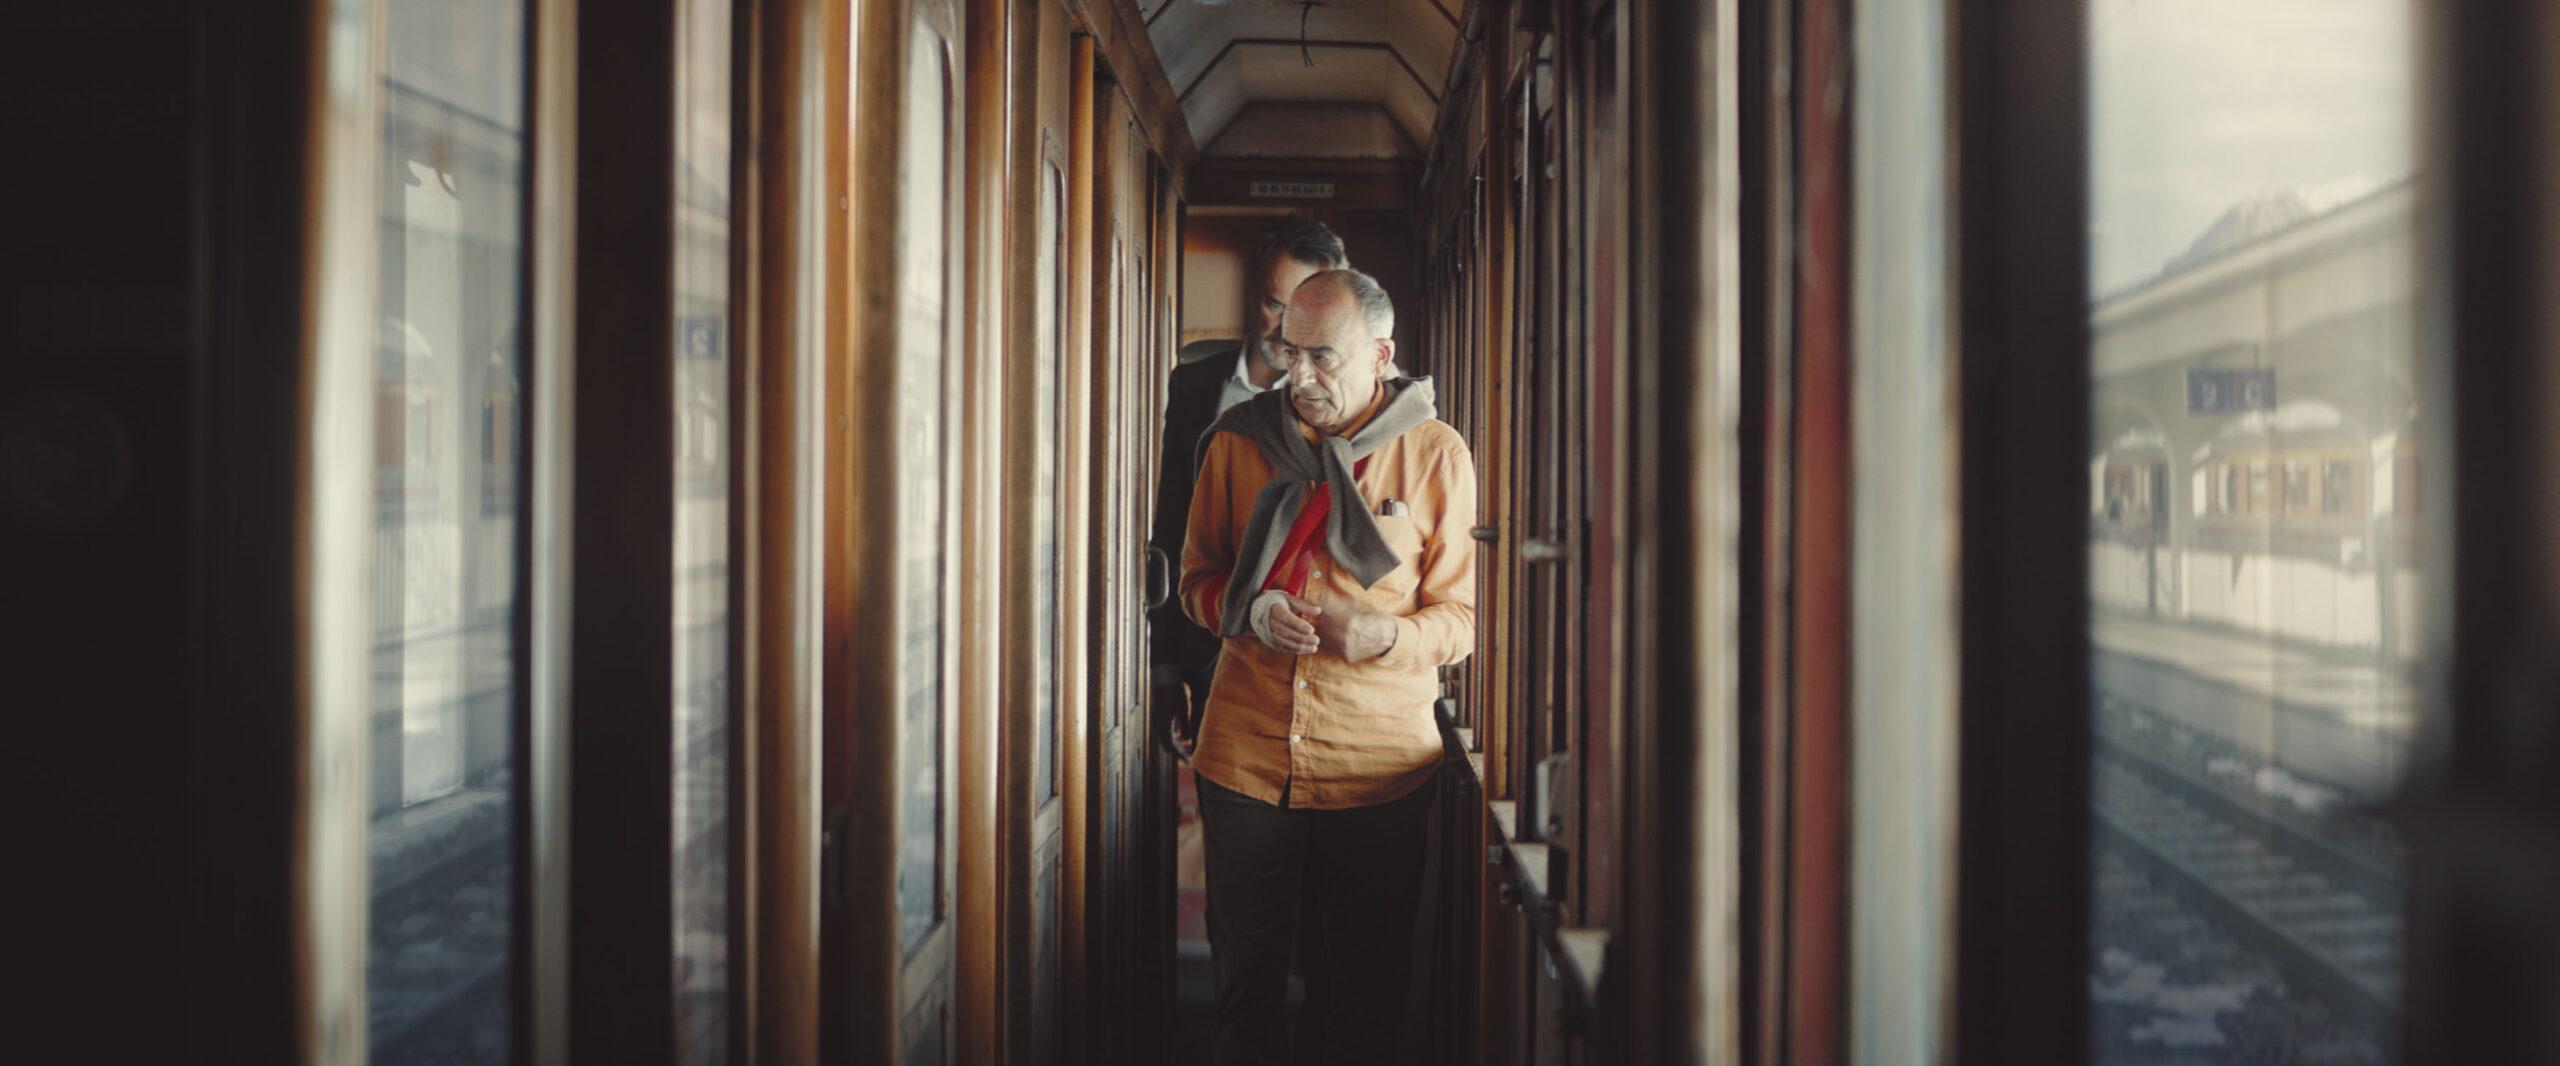 two men walking down train aisle